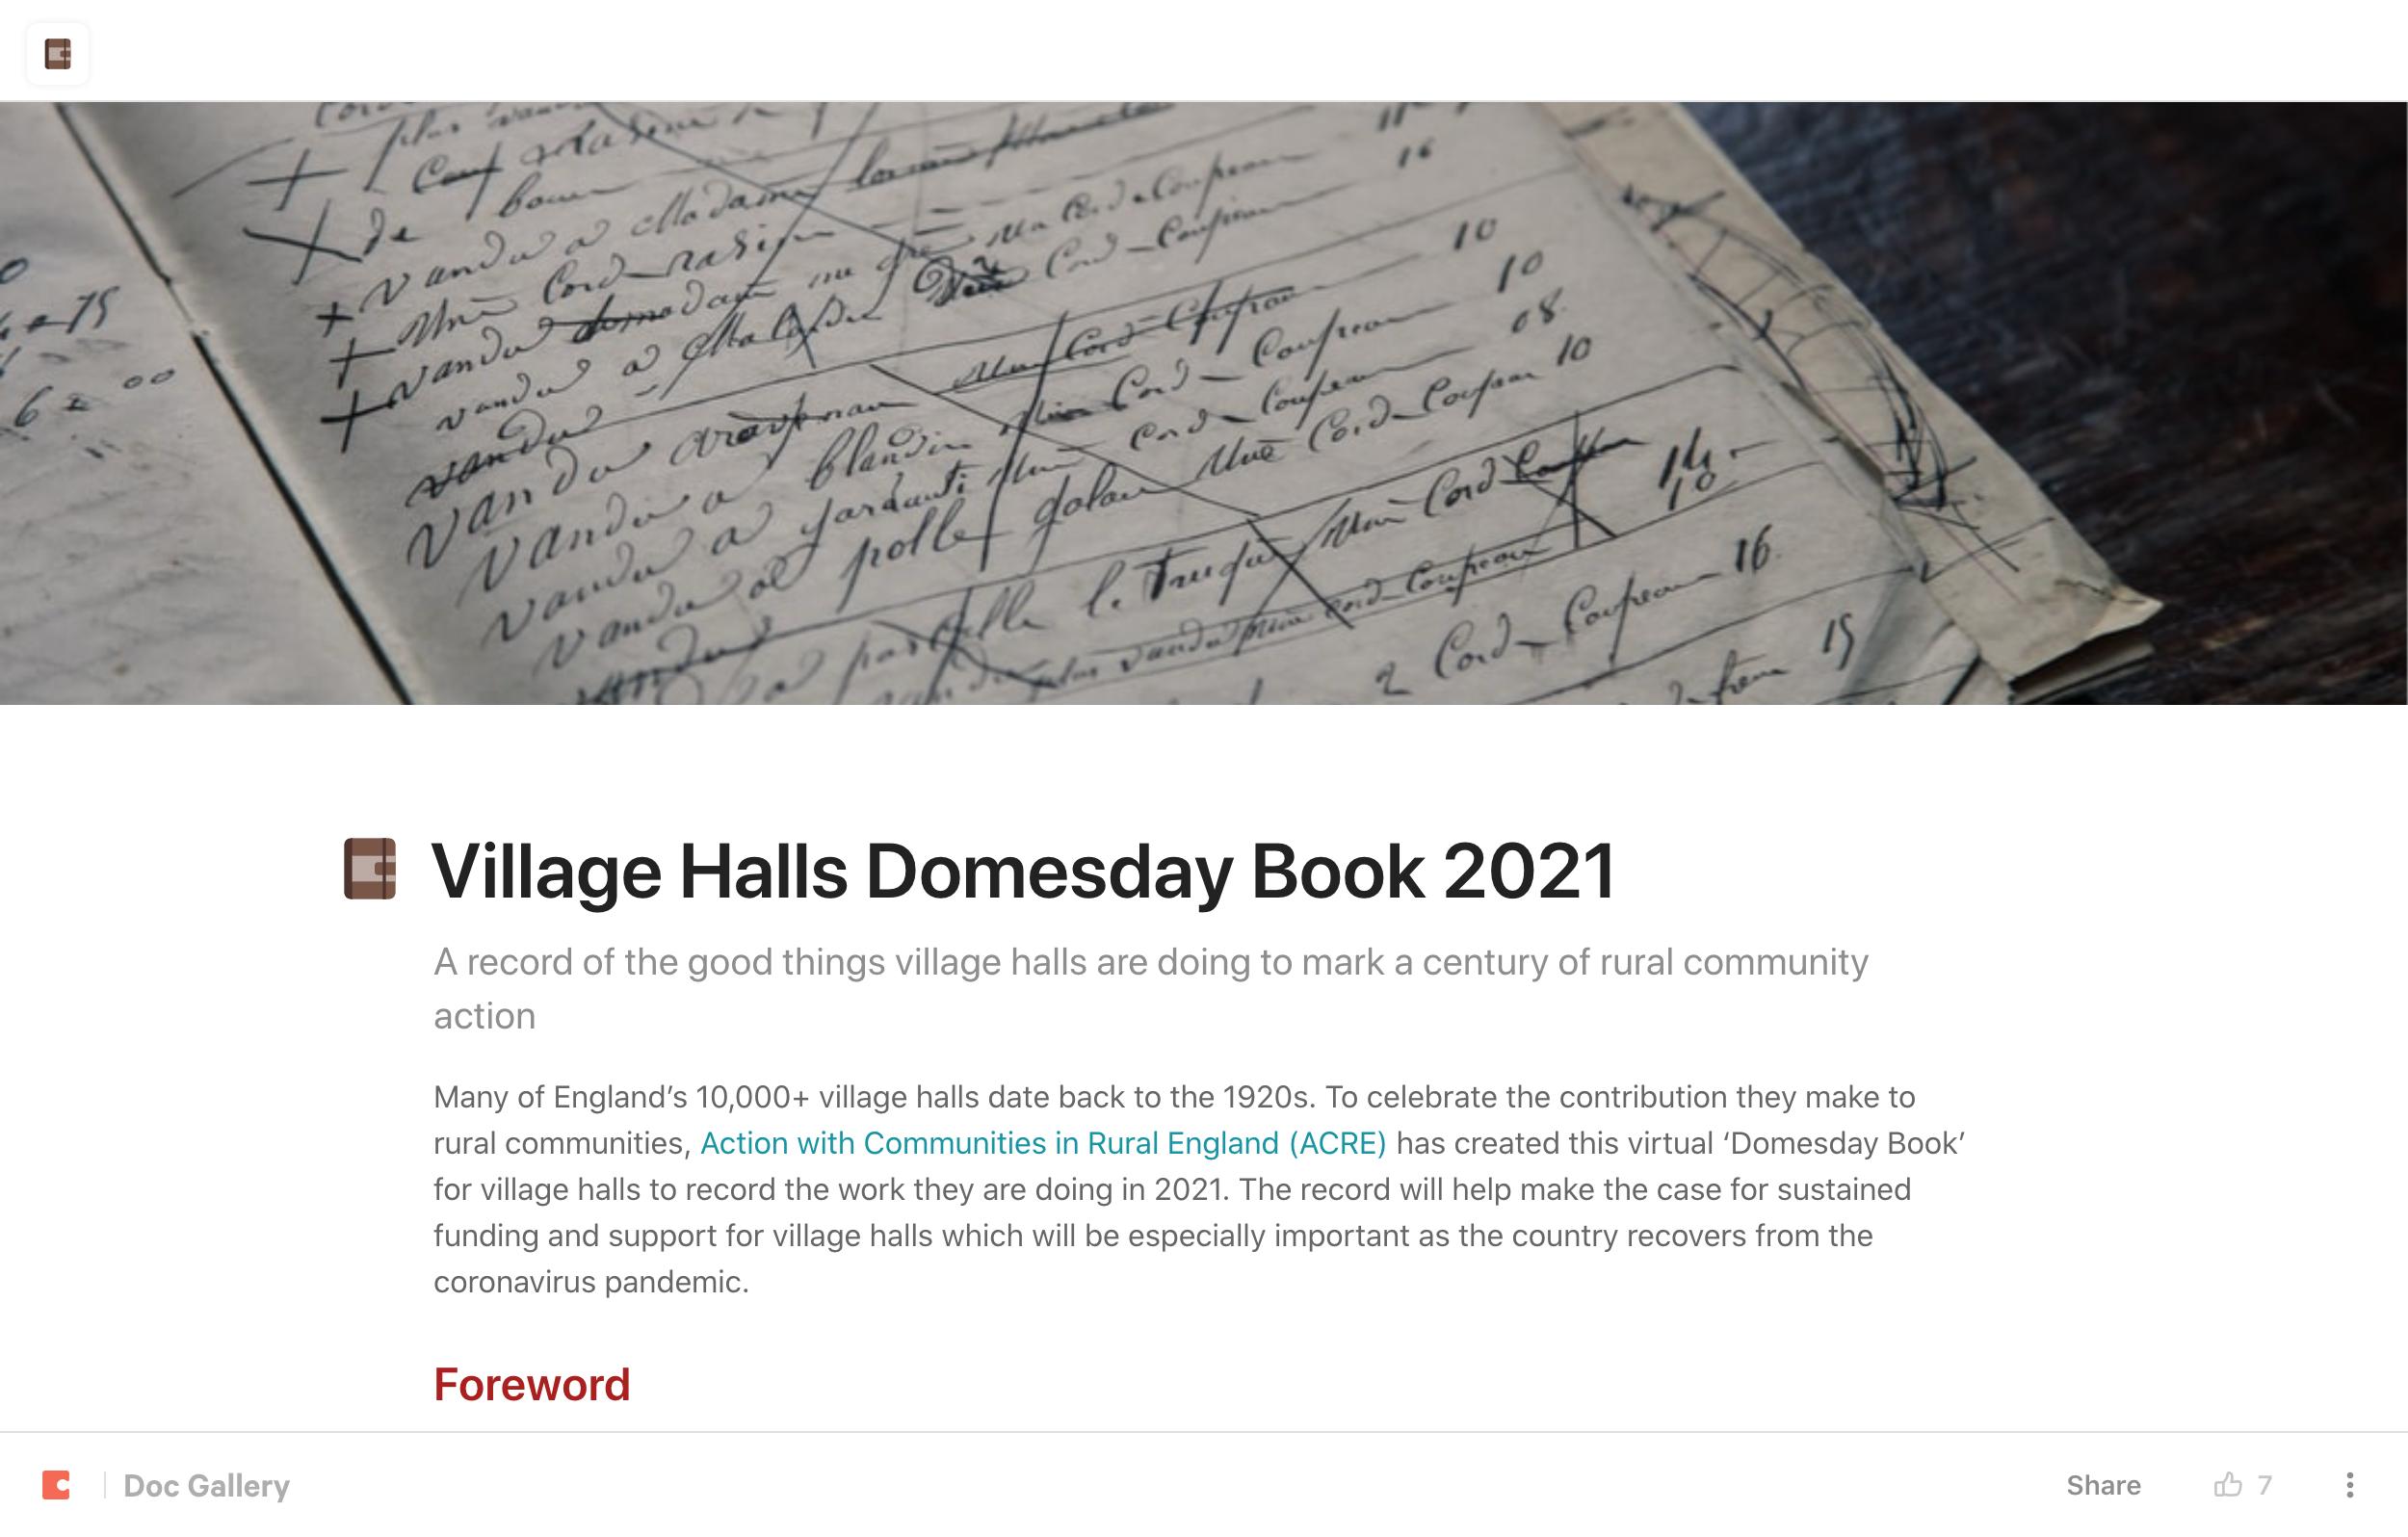 Village Halls Domesday Book 2021